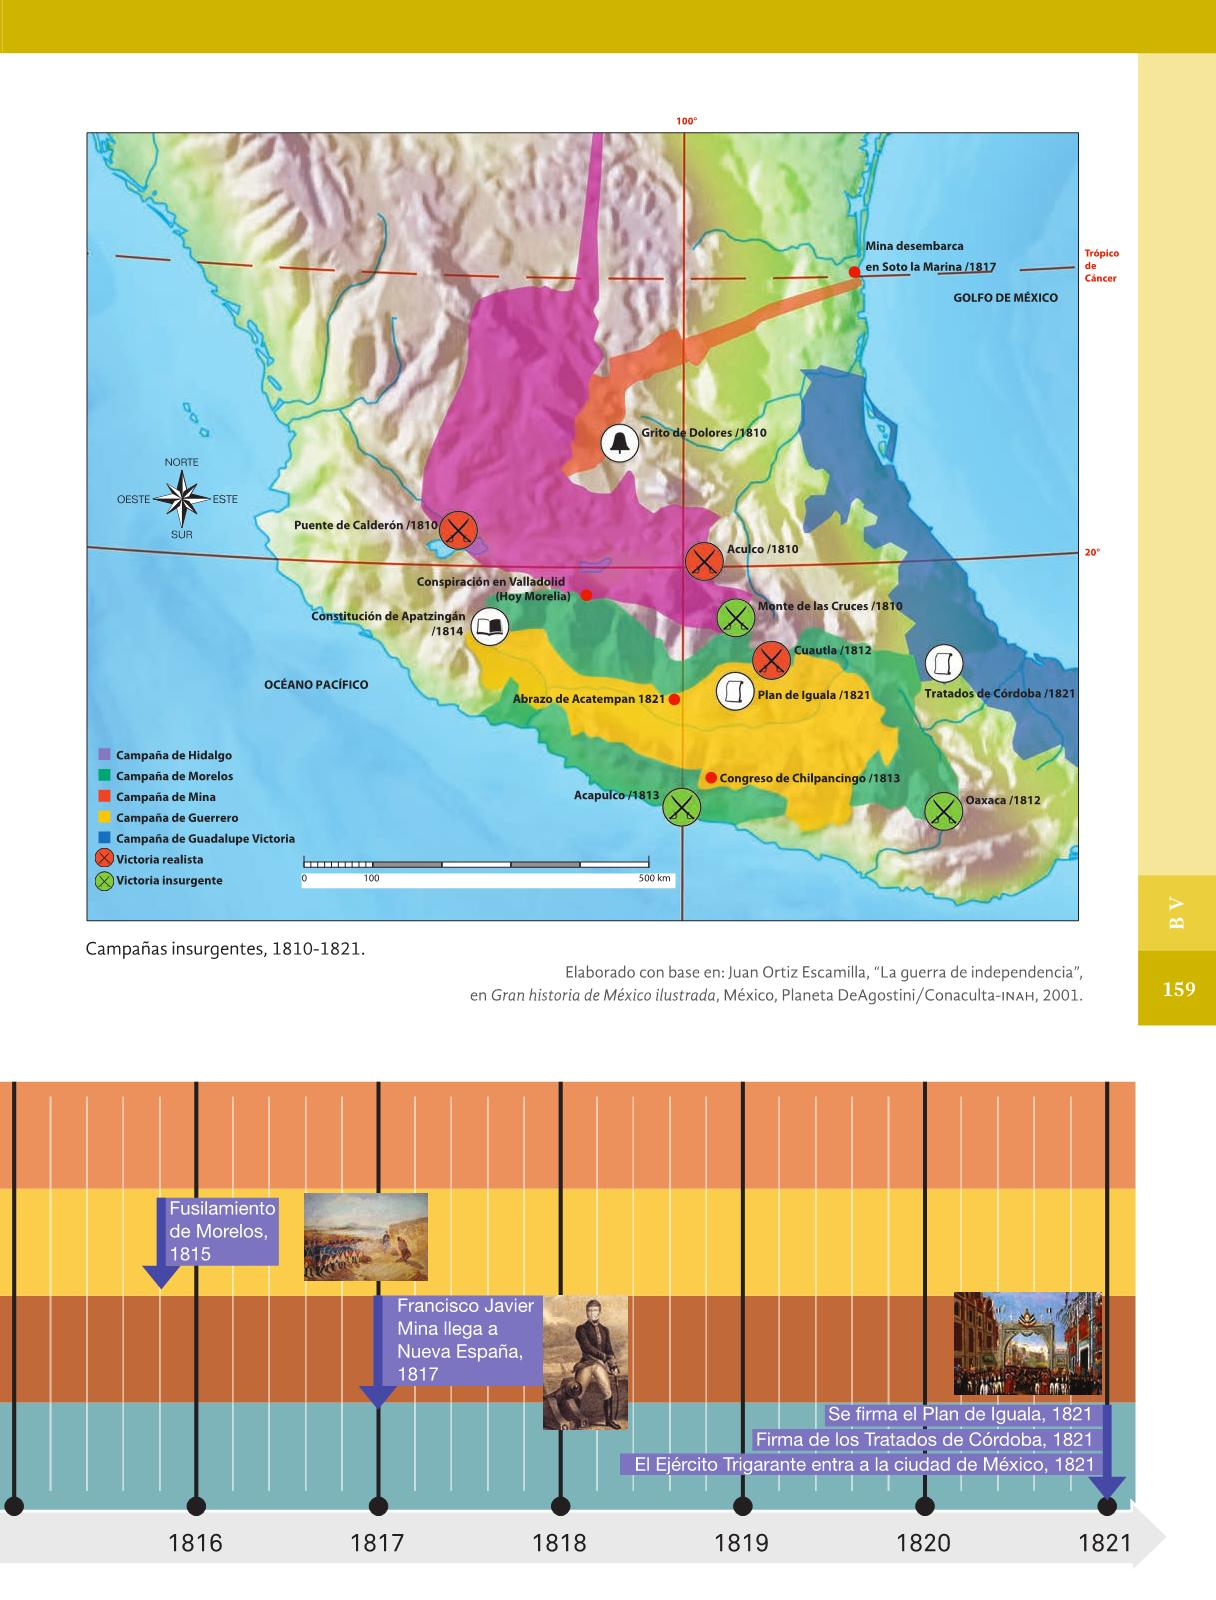 historia de cuarto grado - 28 images - historia cuarto grado 2016 ...